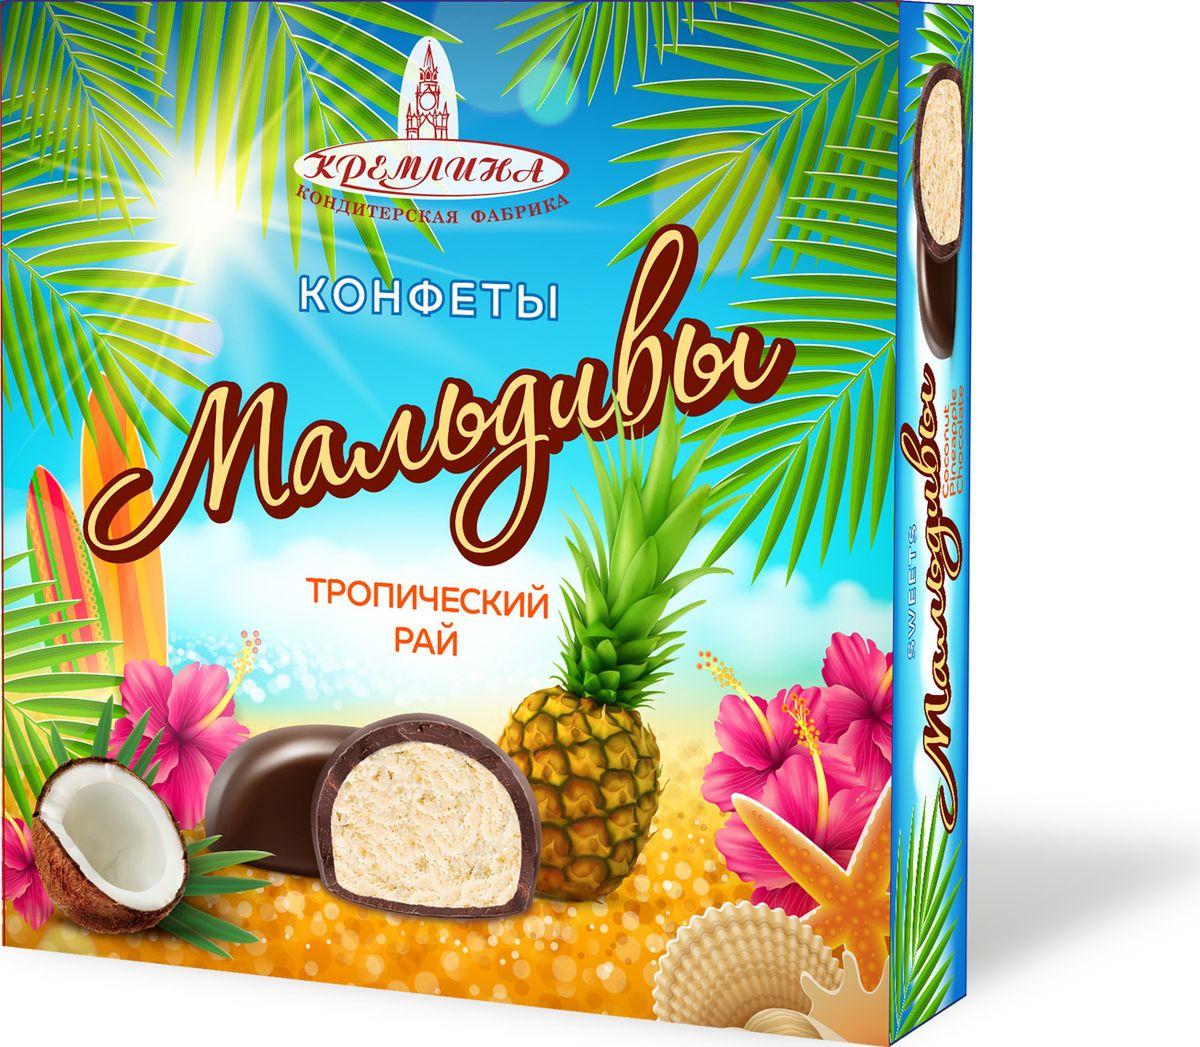 Кремлина Мальдивы с мякотью кокоса в шоколадной глазури конфеты, 240 г4607039272185Тропики, кокос, нежность шоколада. Струящийся сквозь пальцы песок и крики цветастых райских птах. Голубая вода и легкий морской бриз. Все это вы сможете найти в конфетах Мальдивы.